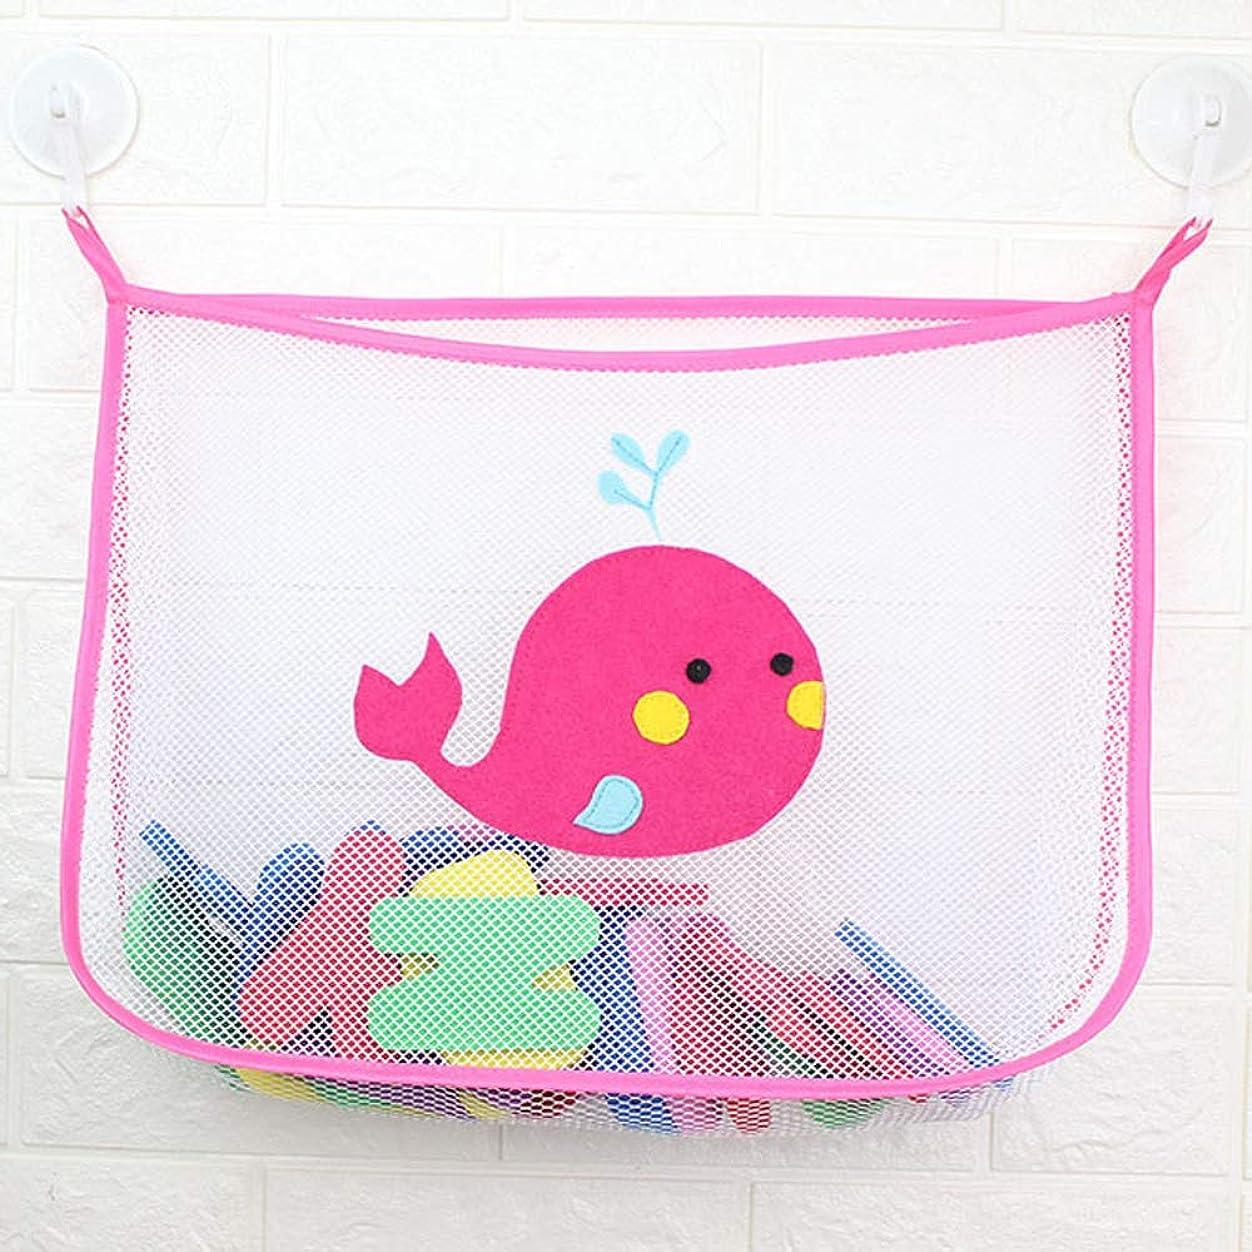 献身じゃがいも原子炉ベビーシャワー風呂のおもちゃ小さなアヒル小さなカエルの赤ちゃん子供のおもちゃ収納メッシュで強い吸盤玩具バッグネット浴室オーガナイザー (ピンク)